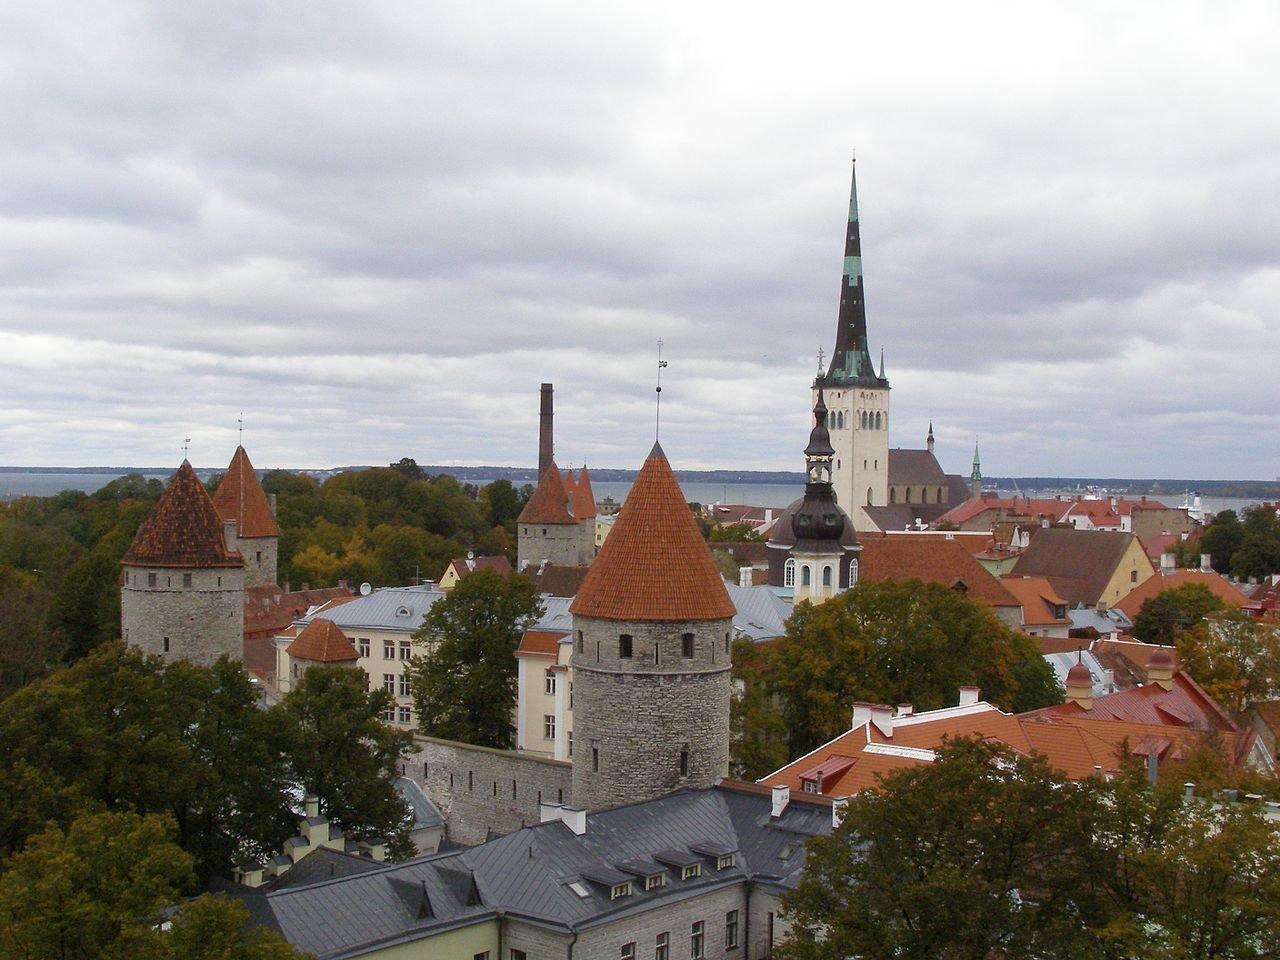 Групповая экскурсия по Таллину в 15:15